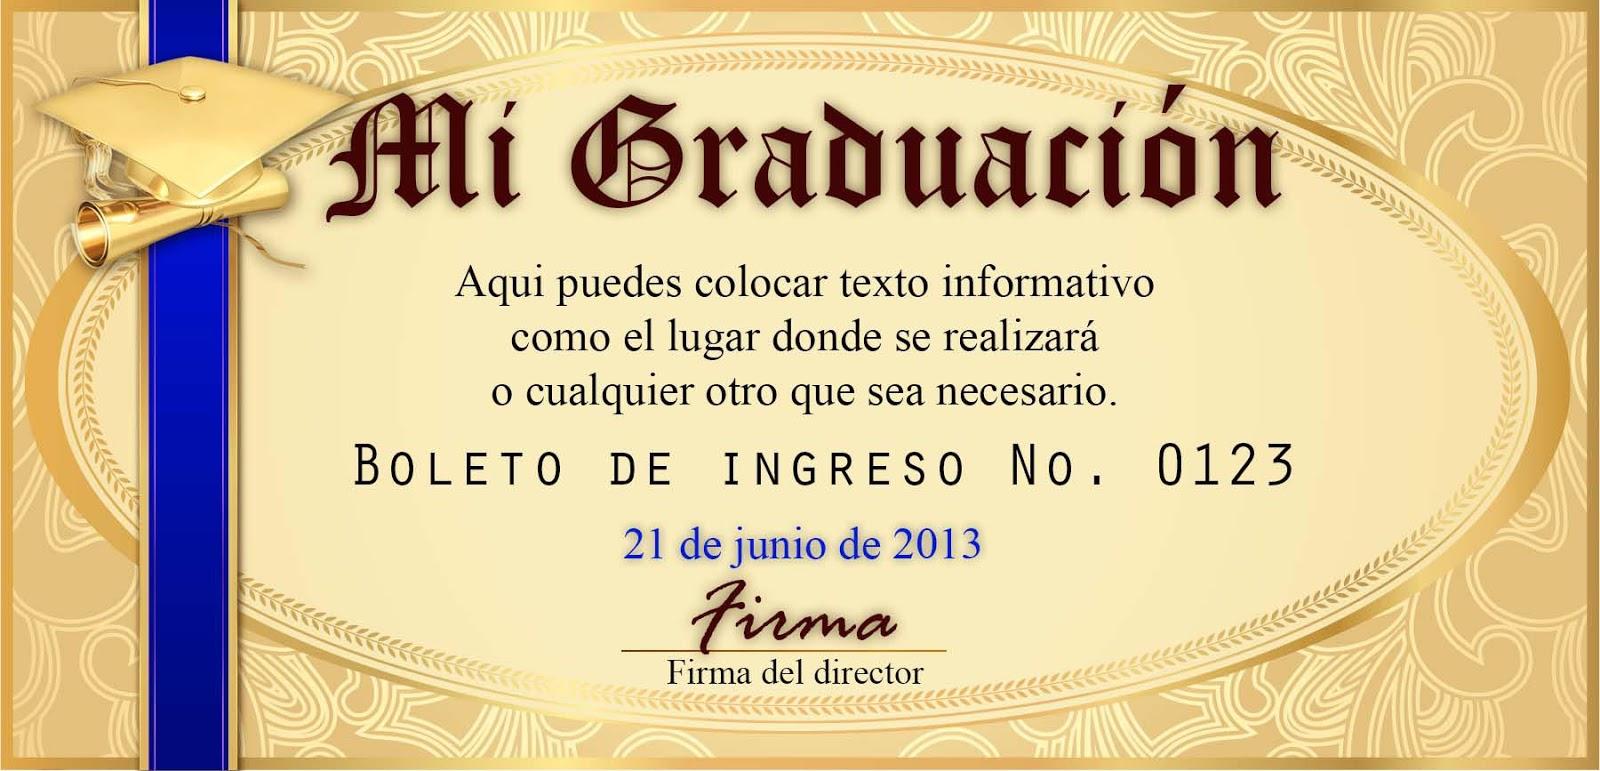 Boletos para evento de graduación - Recursos para impresores y ...